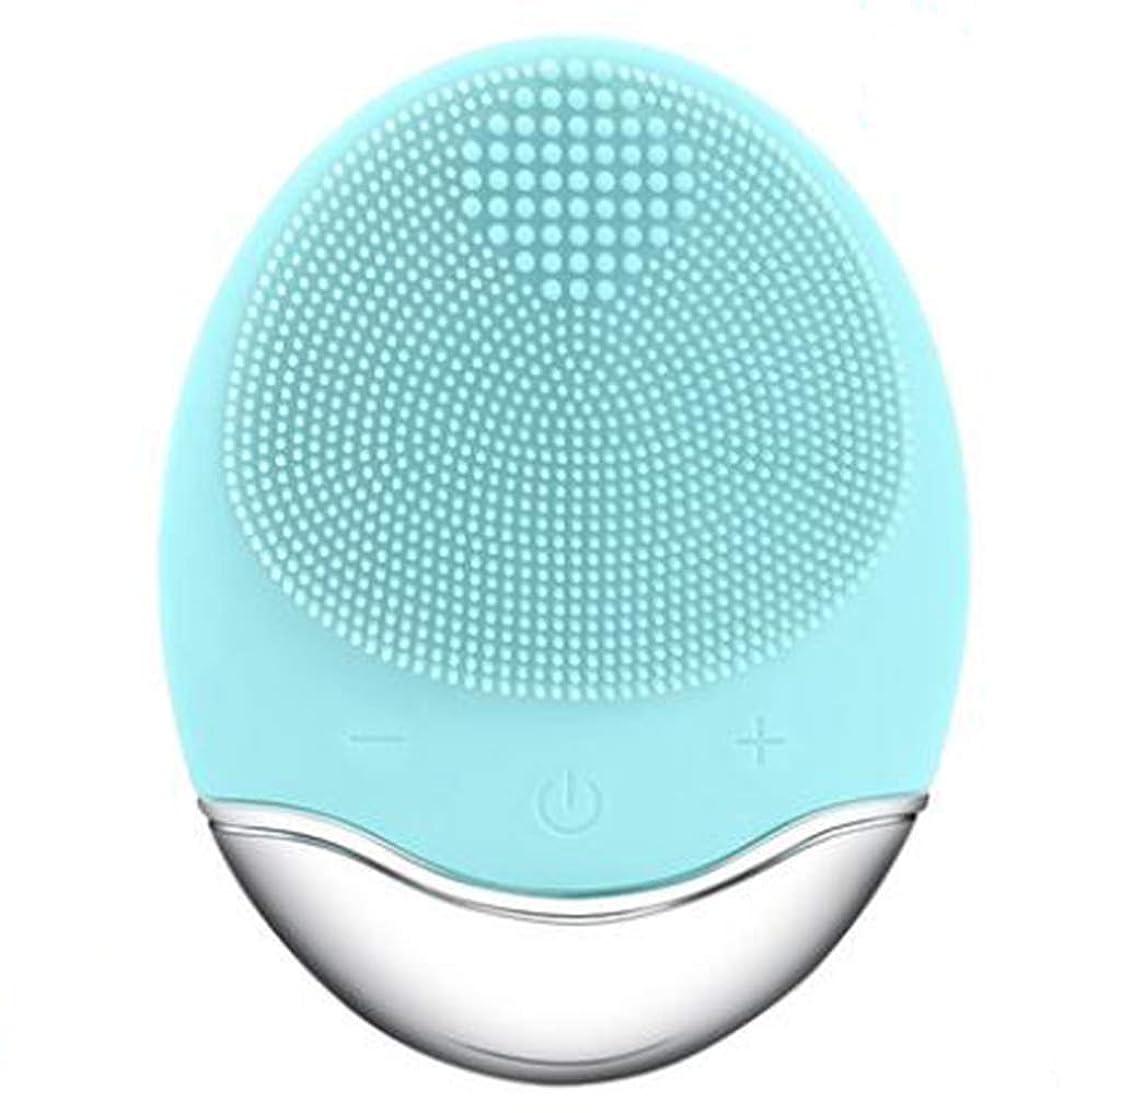 責保存するヒロインシリコーン電気クレンジング器具、洗顔毛穴クリーナーマッサージフェイス、イントロデューサー + クレンジング器具 (1 つ2個),Green